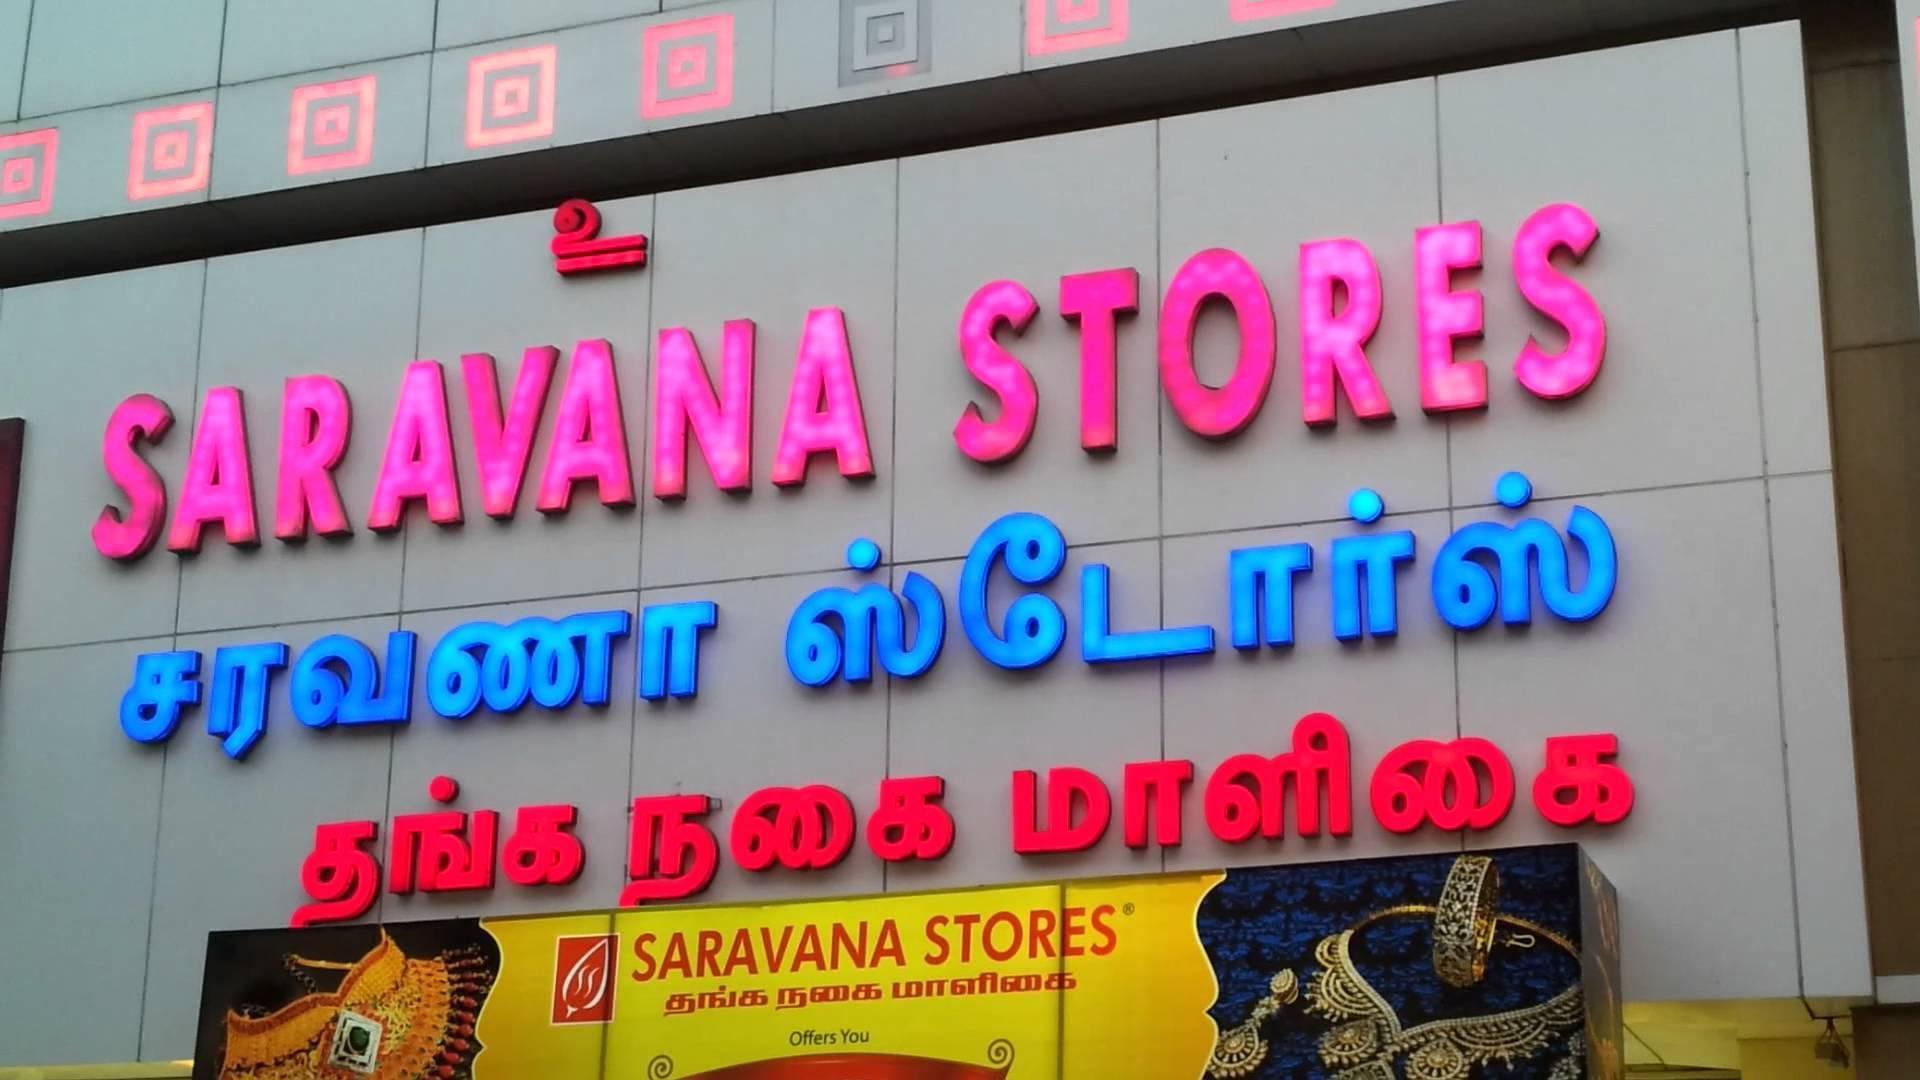 Saravana Stores - Chennai Image